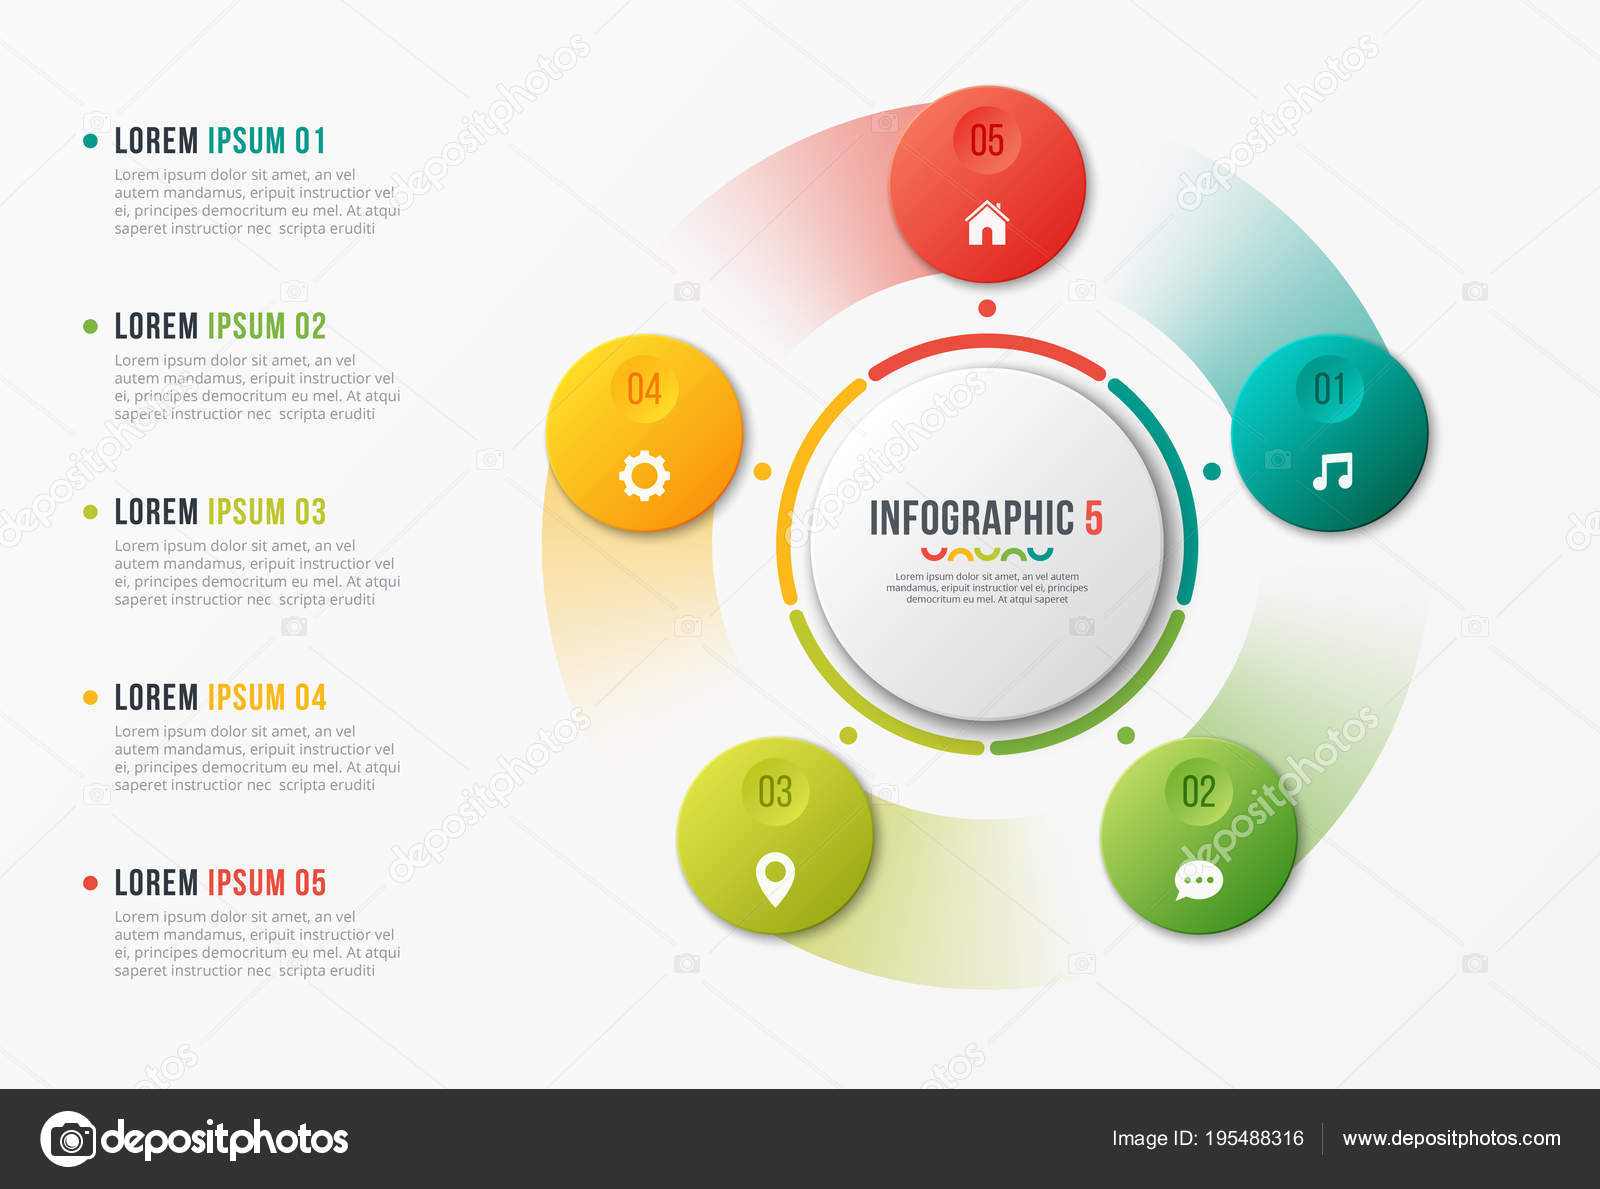 円グラフ テンプレート インフォ グラフィック デザイン 瞑想の特質を